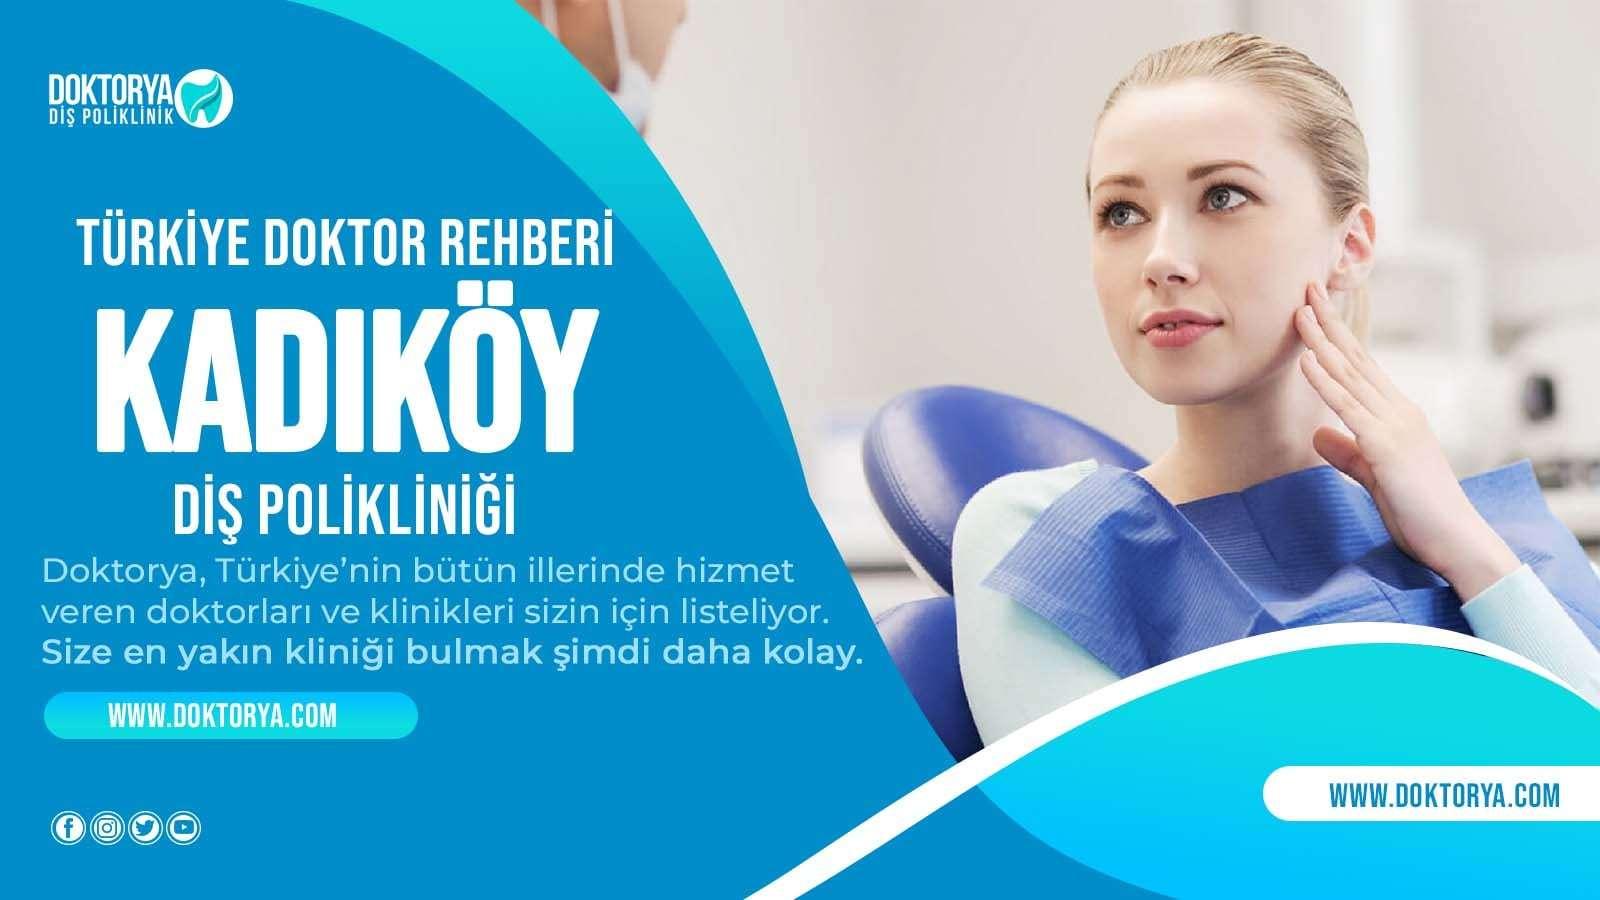 Kadıköy Diş Poliklinik